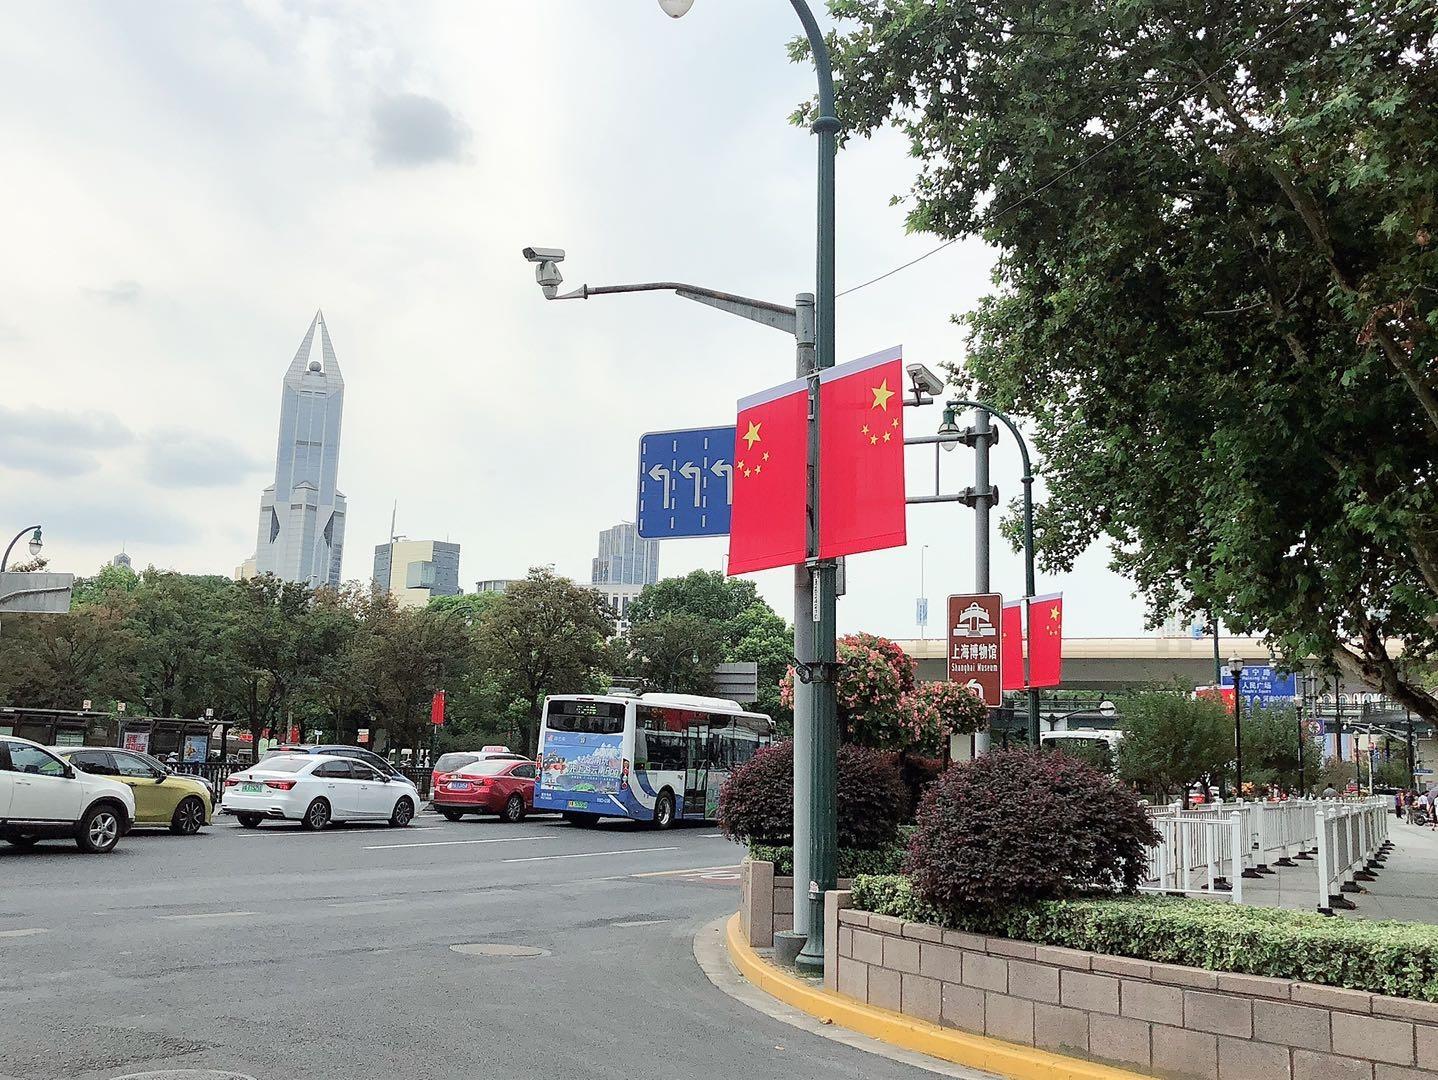 毎年恒例の景色が広がる上海の街並み